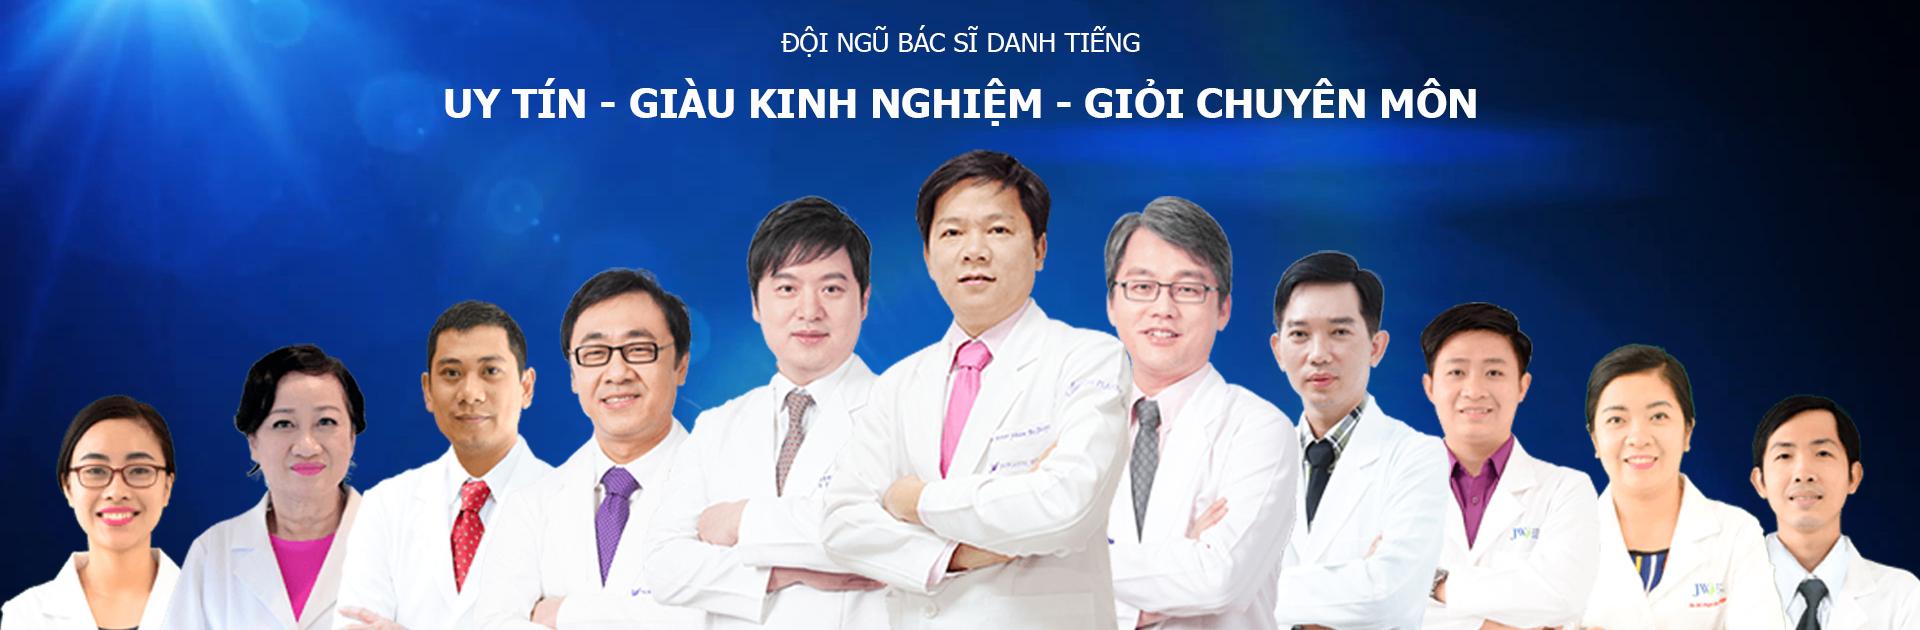 Đội ngũ bác sĩ Việt - Hàn trình độ cao tại JW